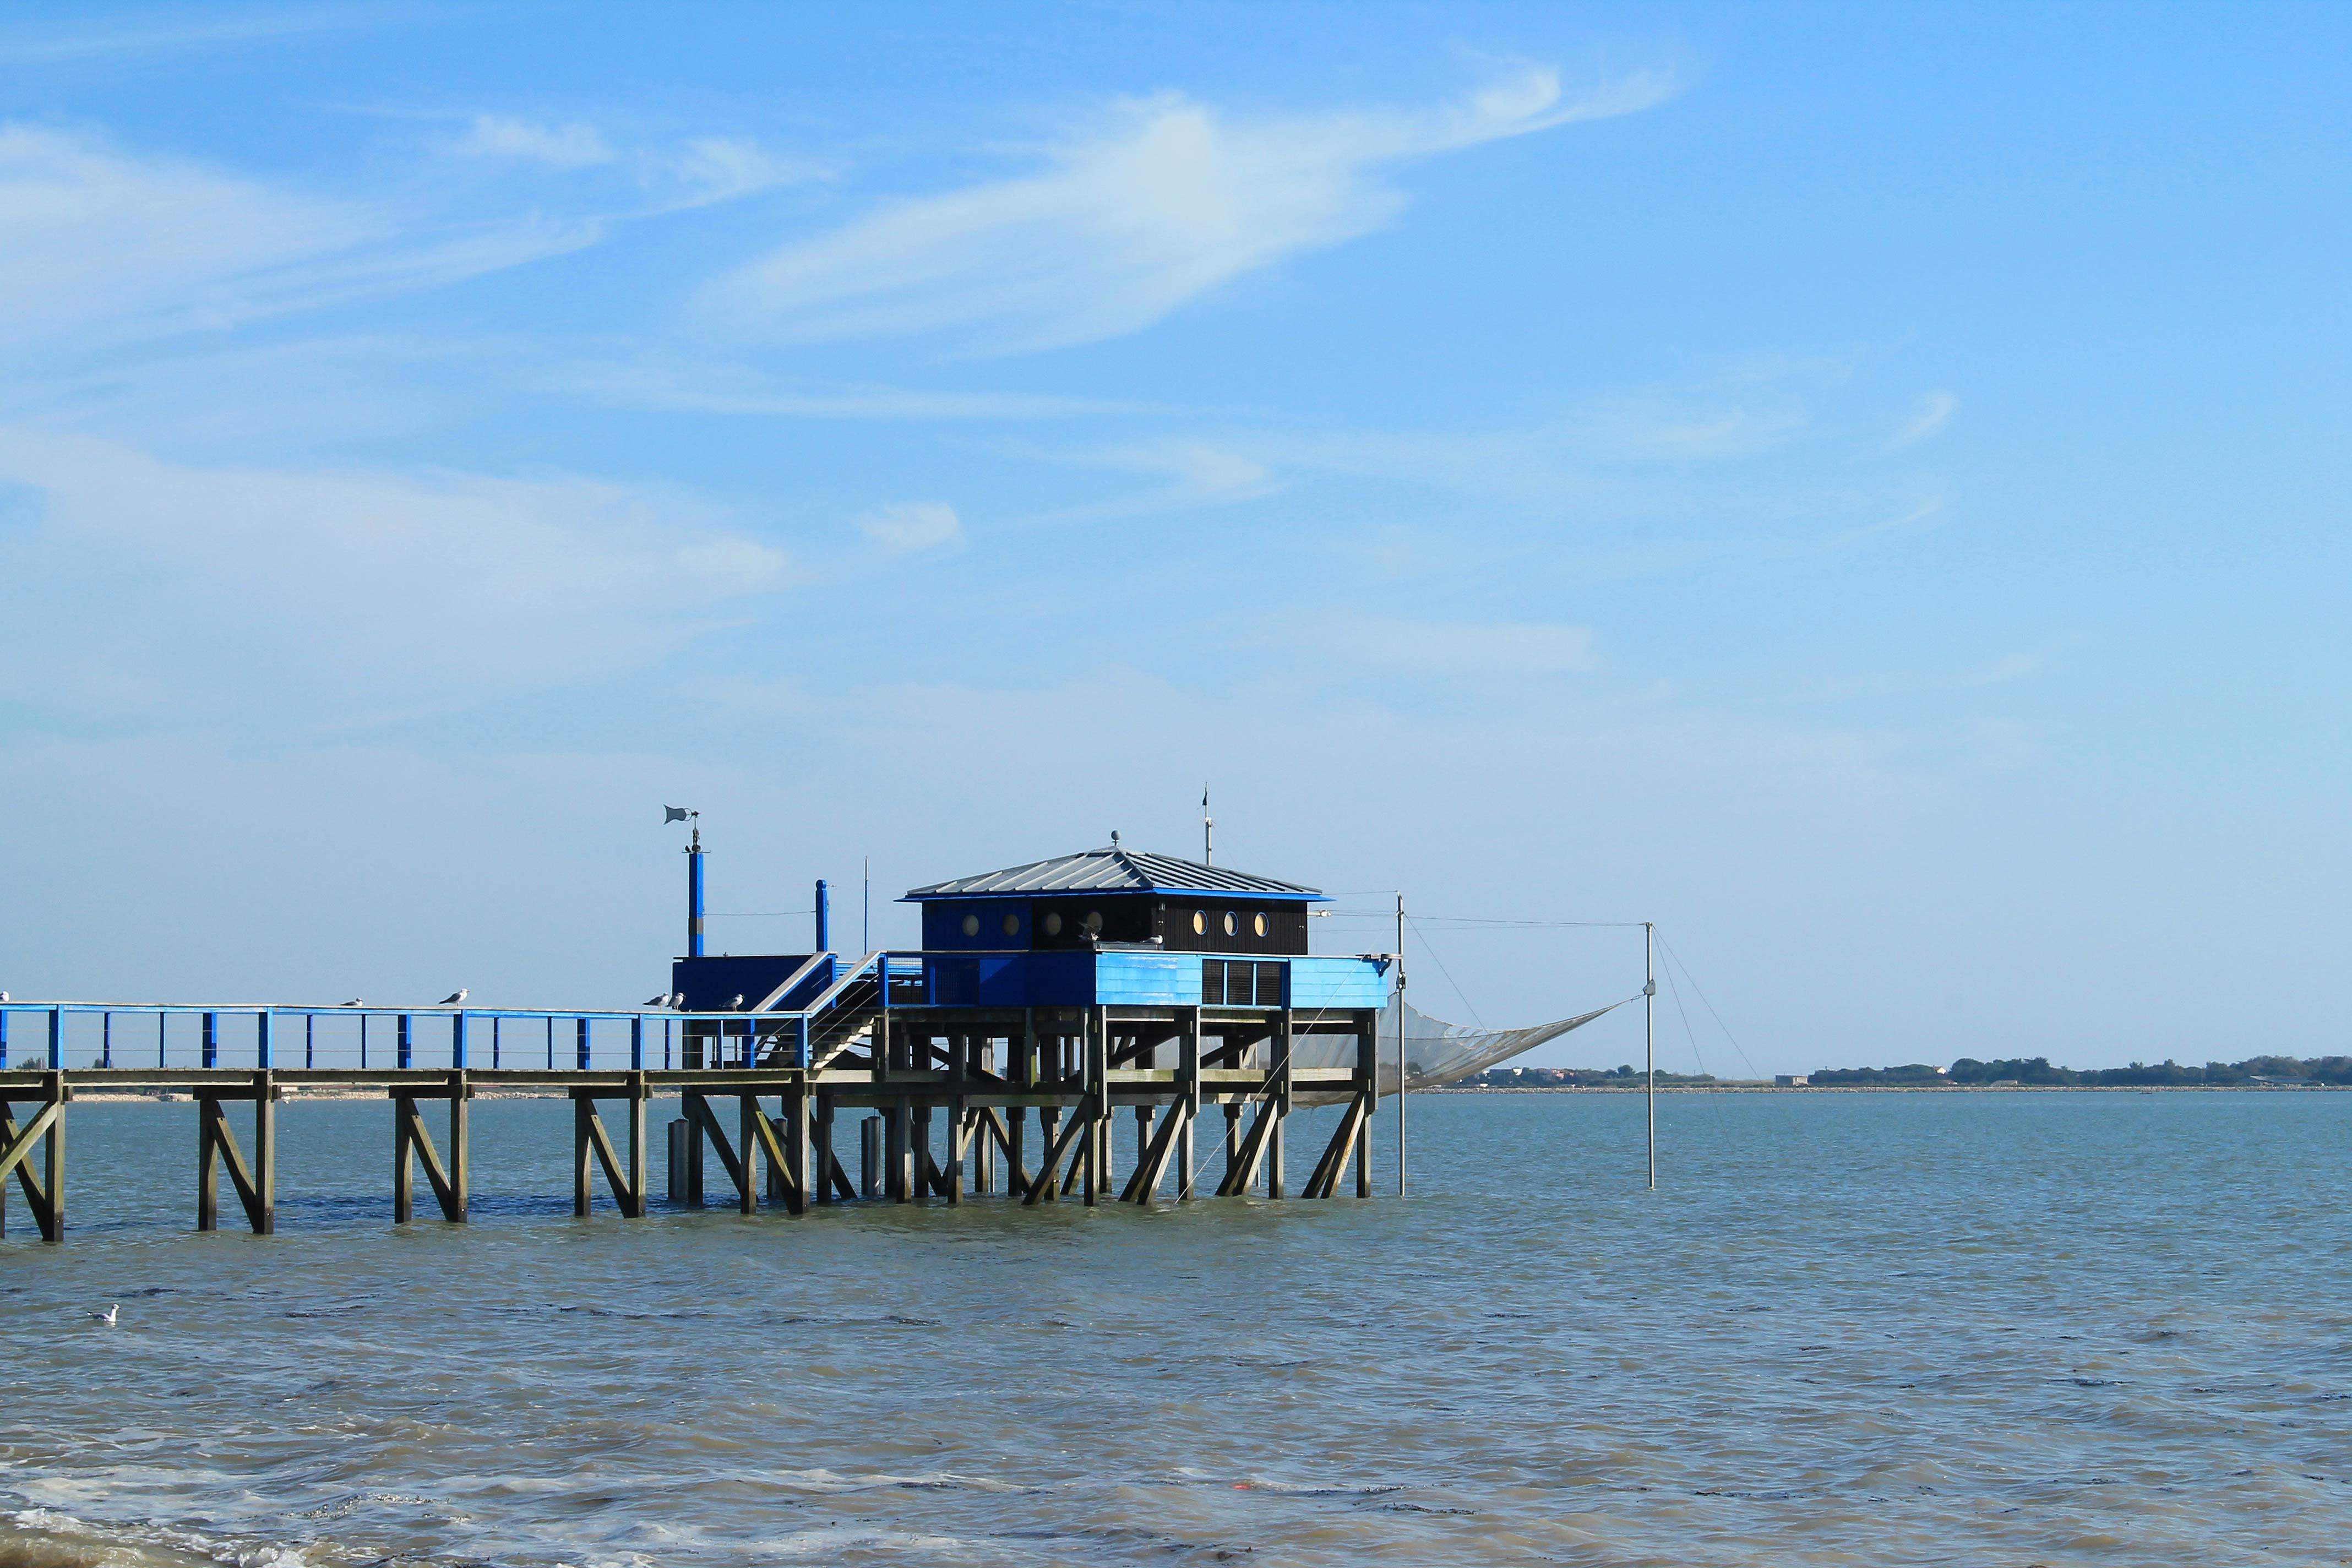 ponton avec cabane typique de la pêche au cerrelet